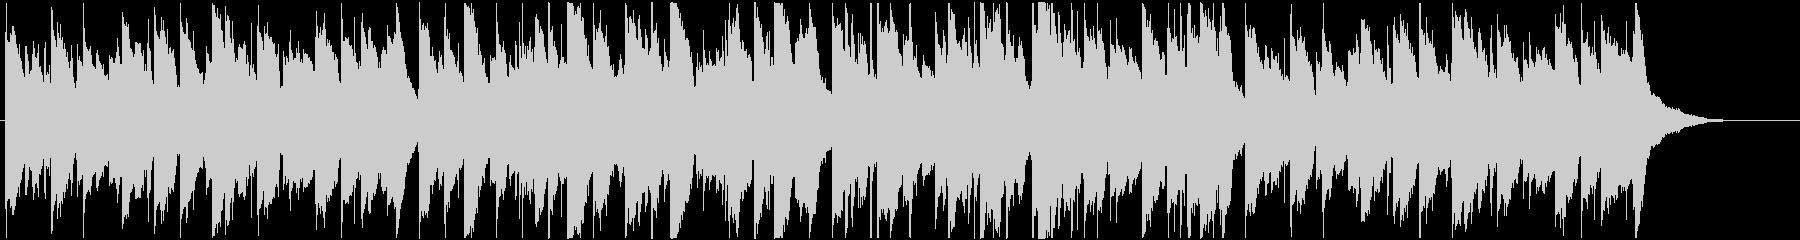 メロディアスなクラシックギターBGMの未再生の波形